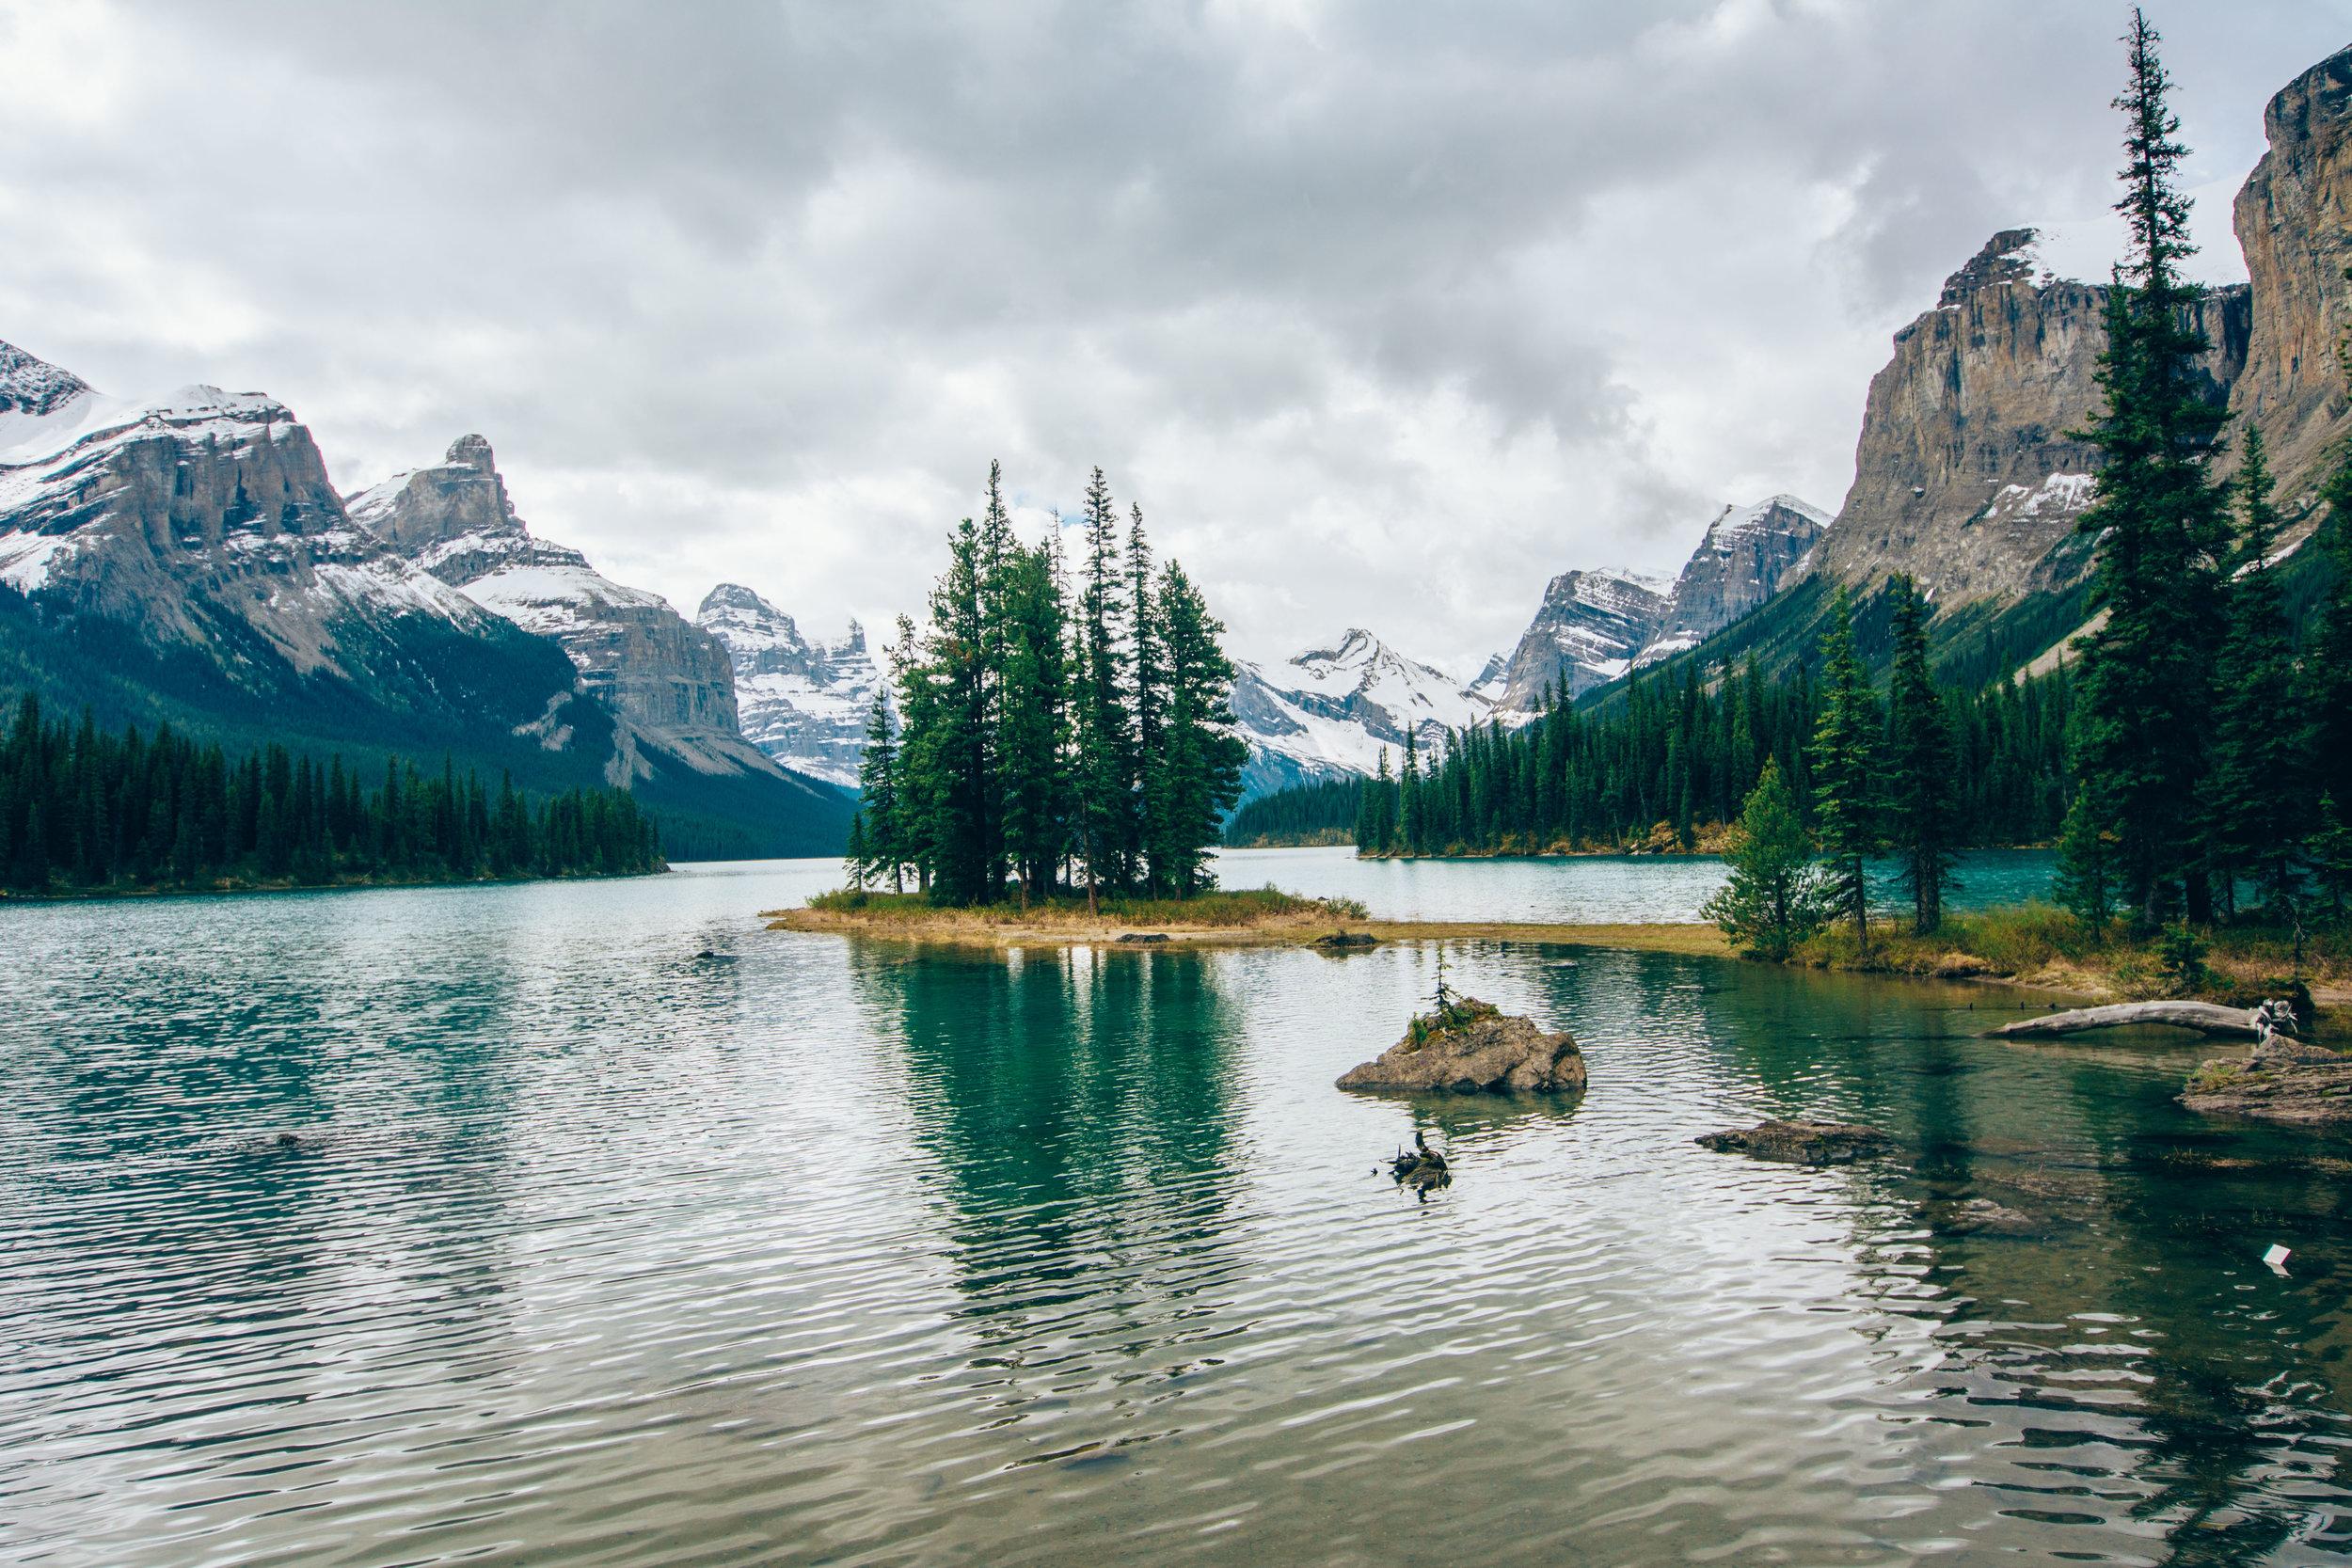 Jasper National Park y Icefields Parkway - La ruta escénica que conecta a los parques nacionales de Banff y Jasper es una atracción en sí misma. Conocida como Icefields Parkway este camino está lleno de maravillas naturales que podrás ir explorando mientras conduzcas en dirección a Jasper. Te recomendamos estas paradas: Peyto Lake, Glaciar Crowfoot, el Hector Lake, el Herbert Lake, Mistaya Canyon, Wheeping Wall Viewpoint, el Wilcox Pass Trail, el Parker Ridge Trail y las famosas cascadas de Athabasca y Sunwapta. Ya una vez en Jasper hay mucho más por ver. Jasper es un parque nacional que merece días para ser explorado. Si vas a gastar varios días aquí te recomendamos comprar el pase anual en vez del pase diario, así ahorrarás dinero. Si quieres ver osos, te recomendamos visitar el Medicine Lake y el Maligne Lake, sus dos lagos más famosos y fotografiados. Sin embargo, paradas que no puedes pasar por alto: Maligne Canyon y el Pyramid Lake.